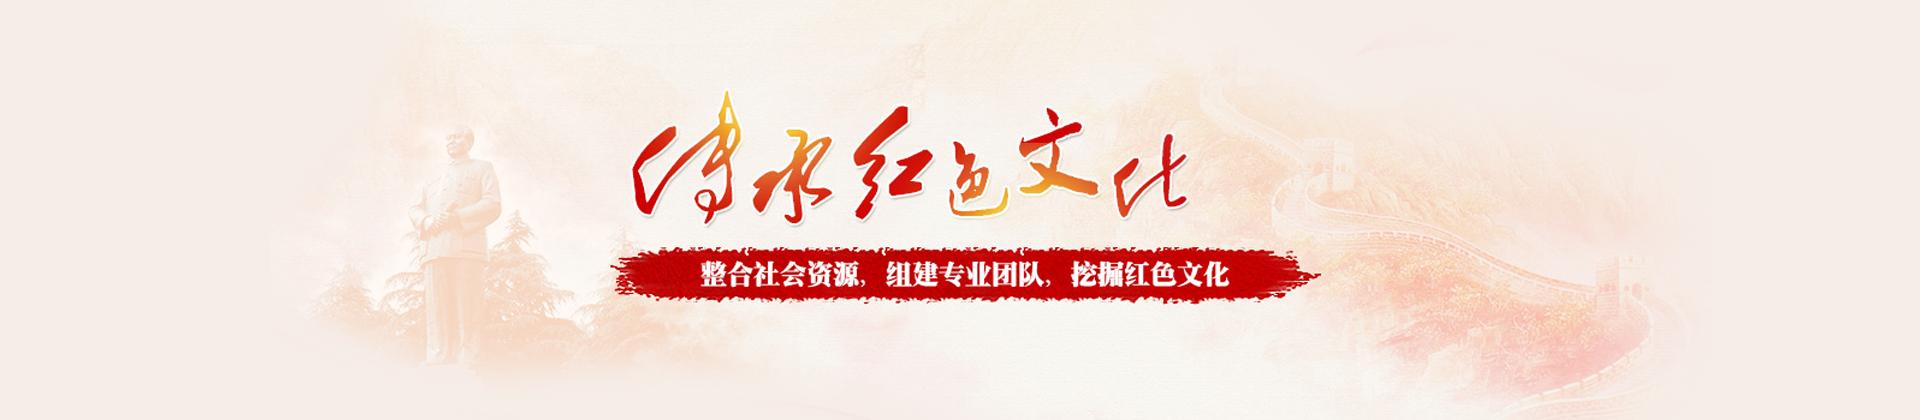 韶山伟业培训中心